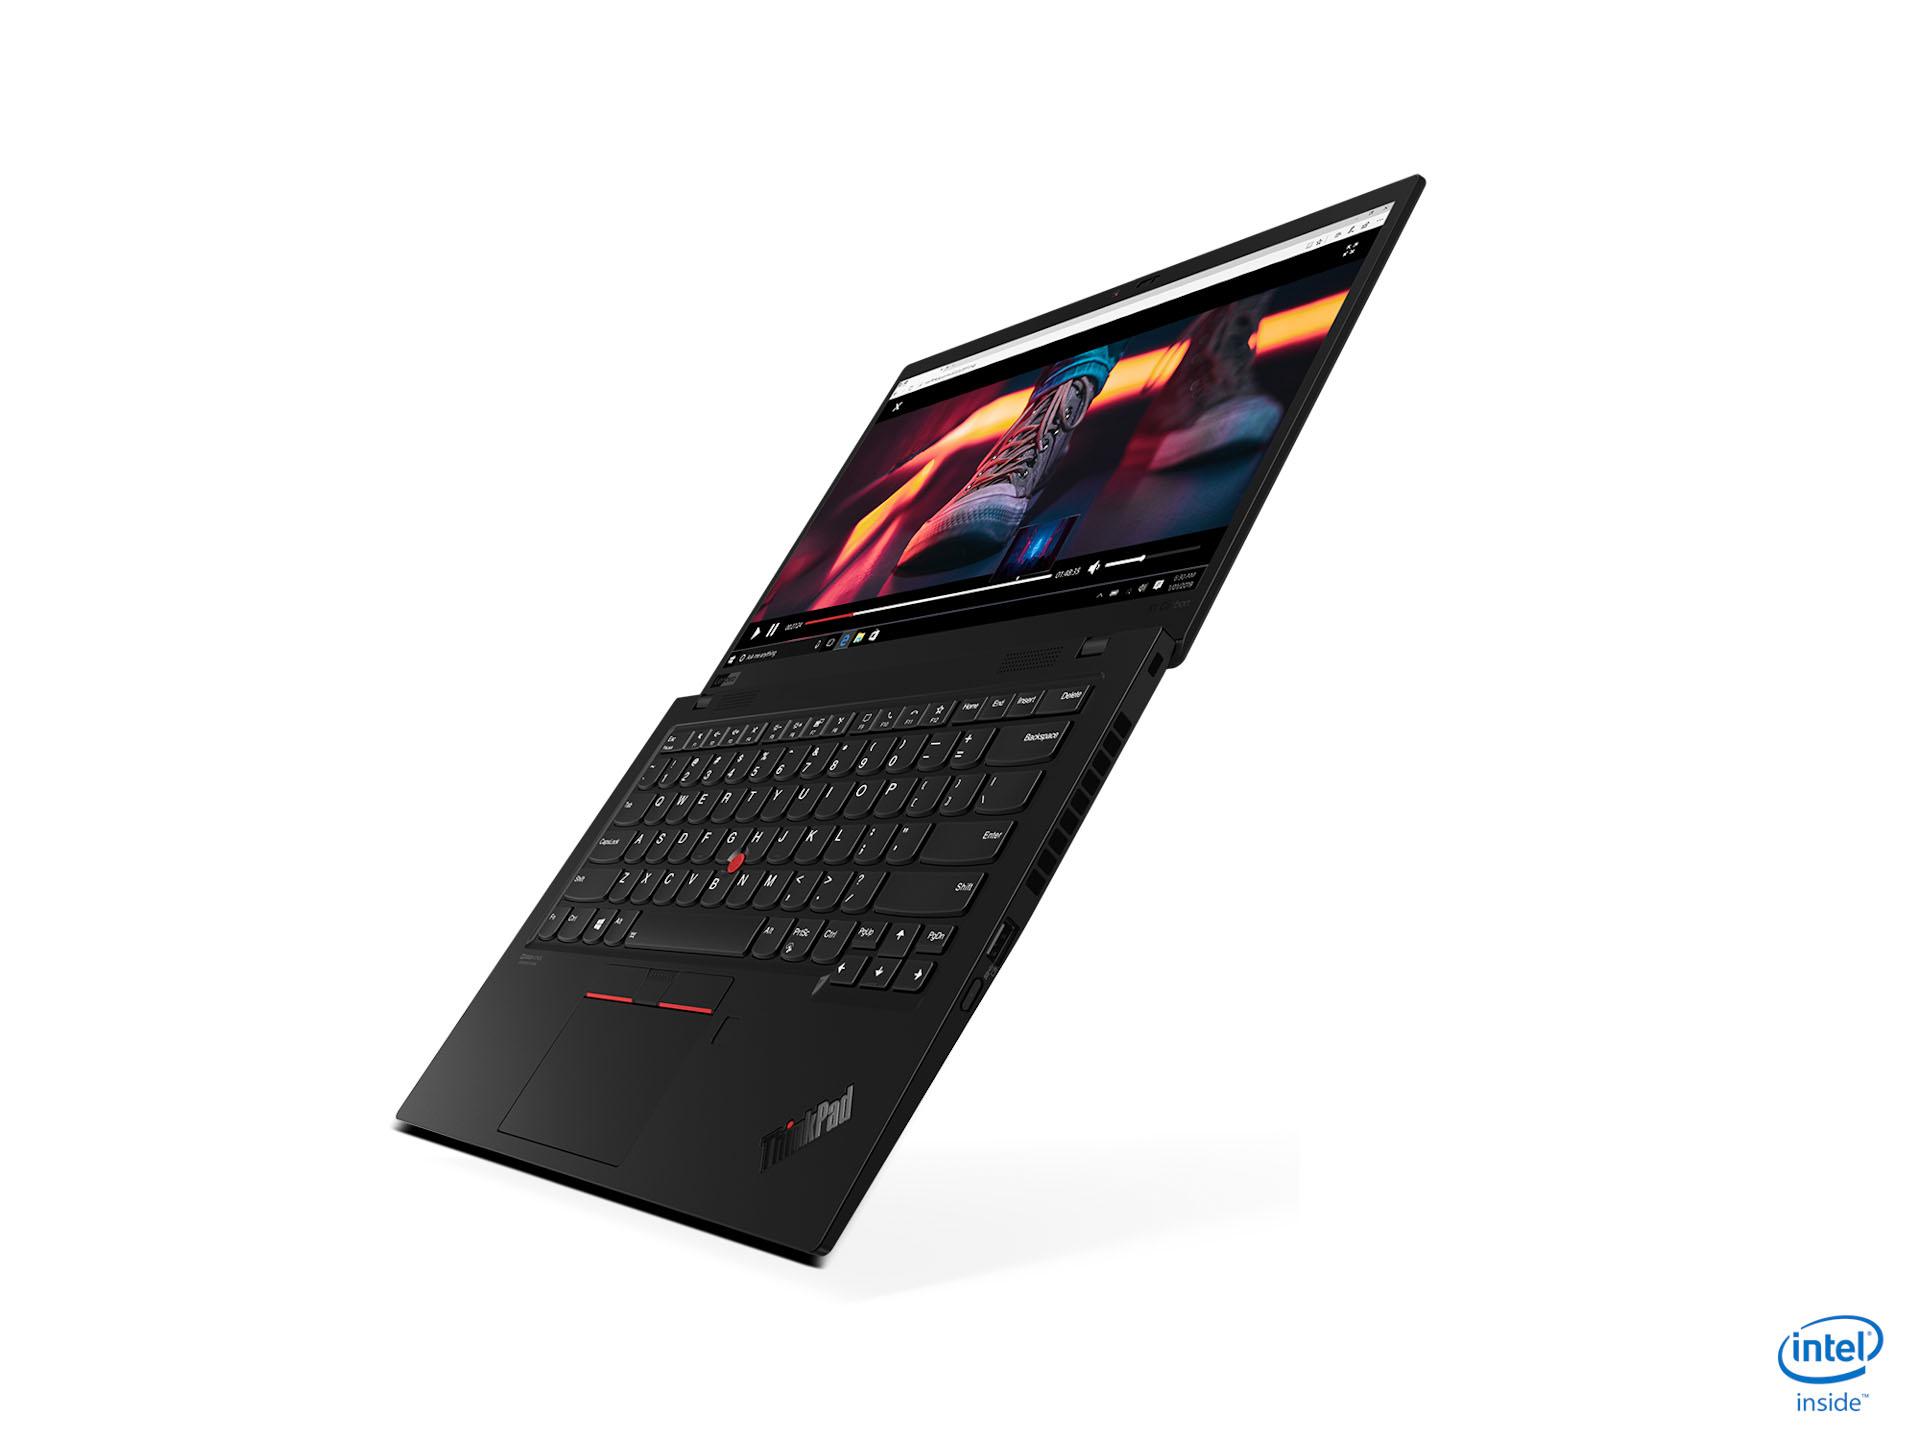 Bộ đôi ThinkPad X1 Carbon Gen 8 và ThinkPad X1 Yoga Gen 5 lên kệ, giá từ 44.99 triệu đồng 5